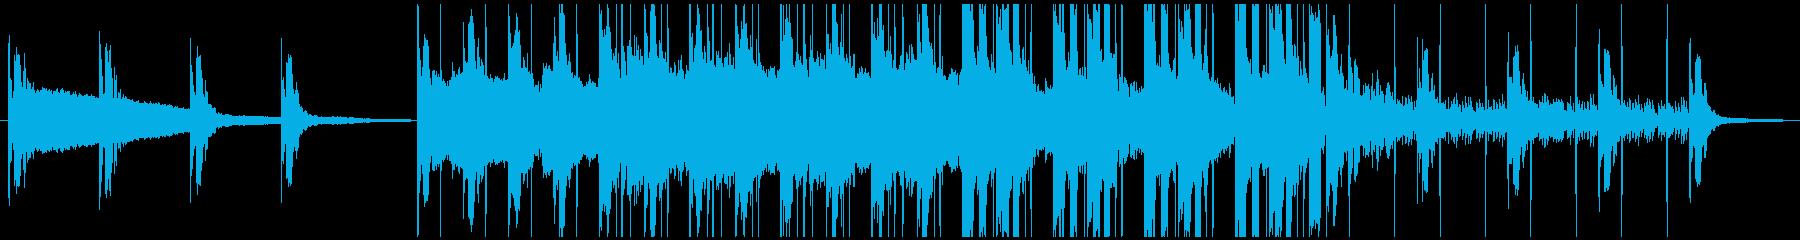 【バッドエンド】ホラーゲーム・サスペンスの再生済みの波形